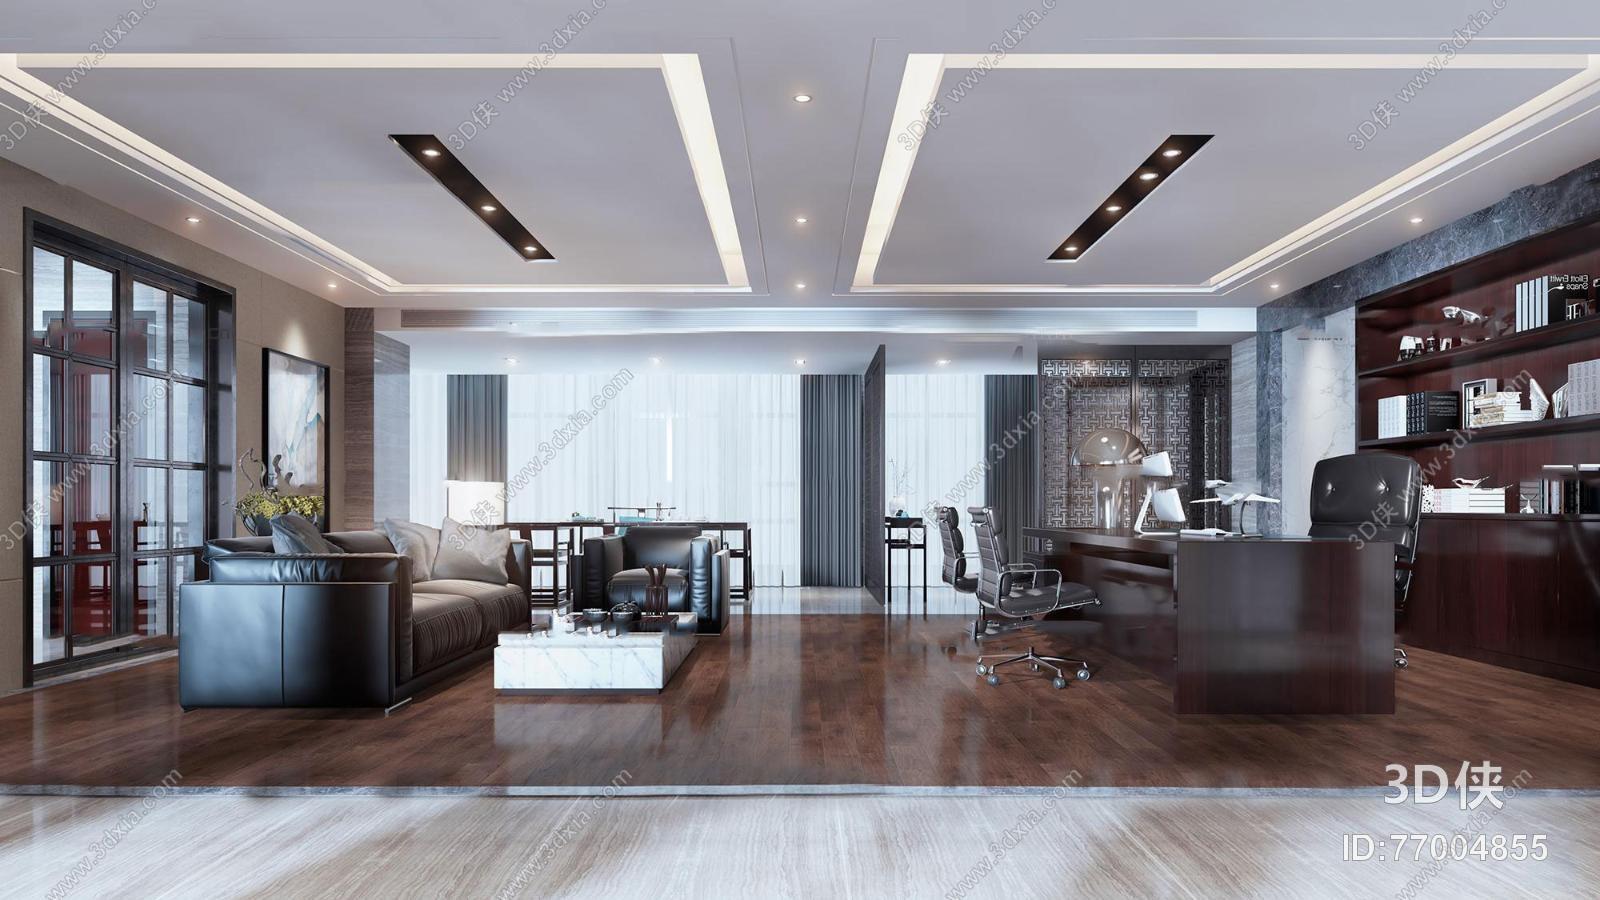 办公空间效果图素材免费下载,本作品主题是新中式简约总经理办公室3d